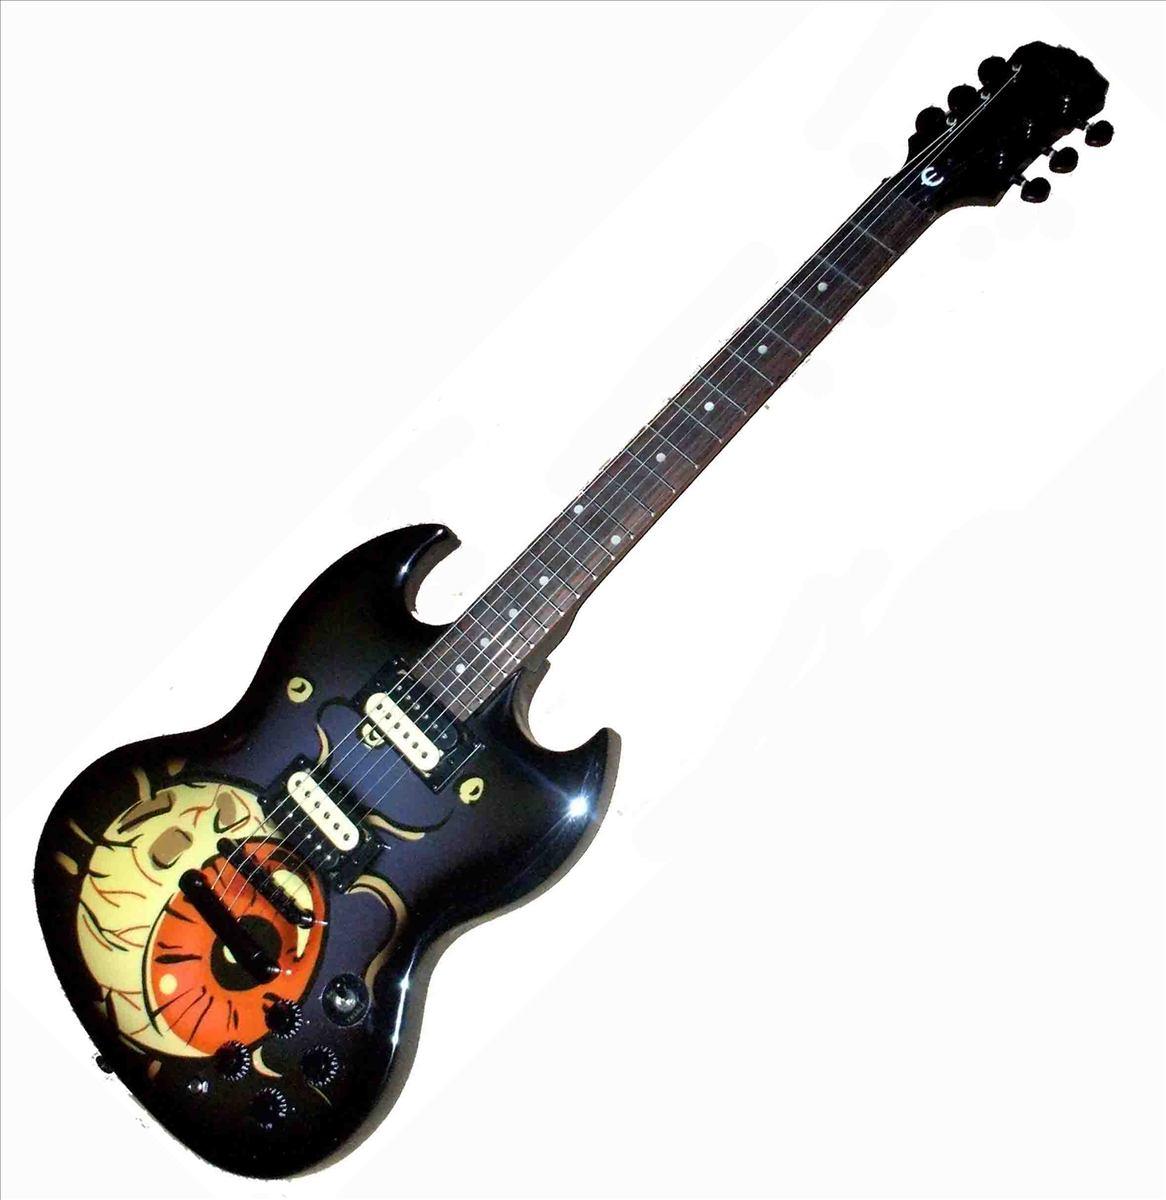 Wallpaper Hd Nature Guitar: Gibson SG Wallpaper